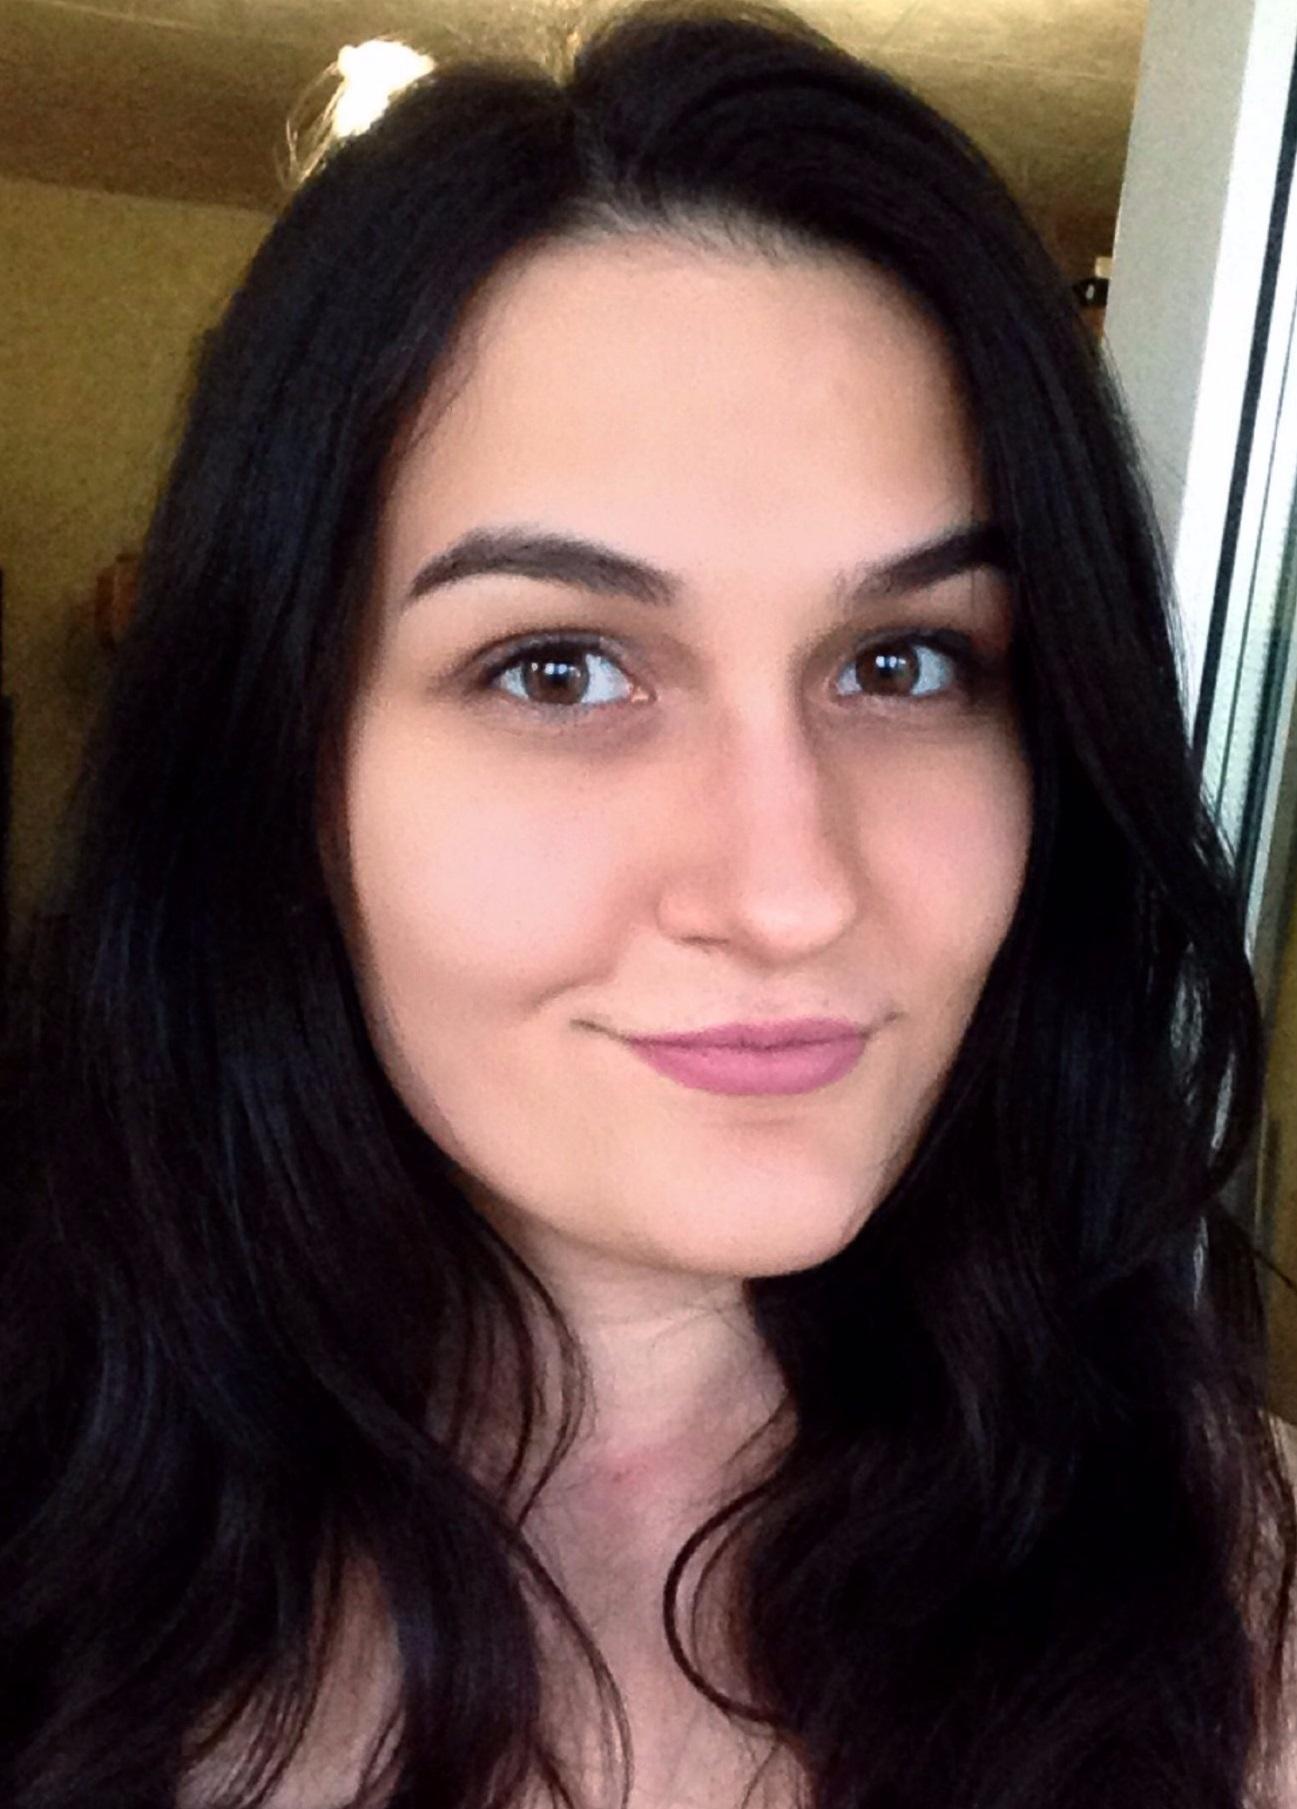 МарияИльющенкова (Подруга-плюс)